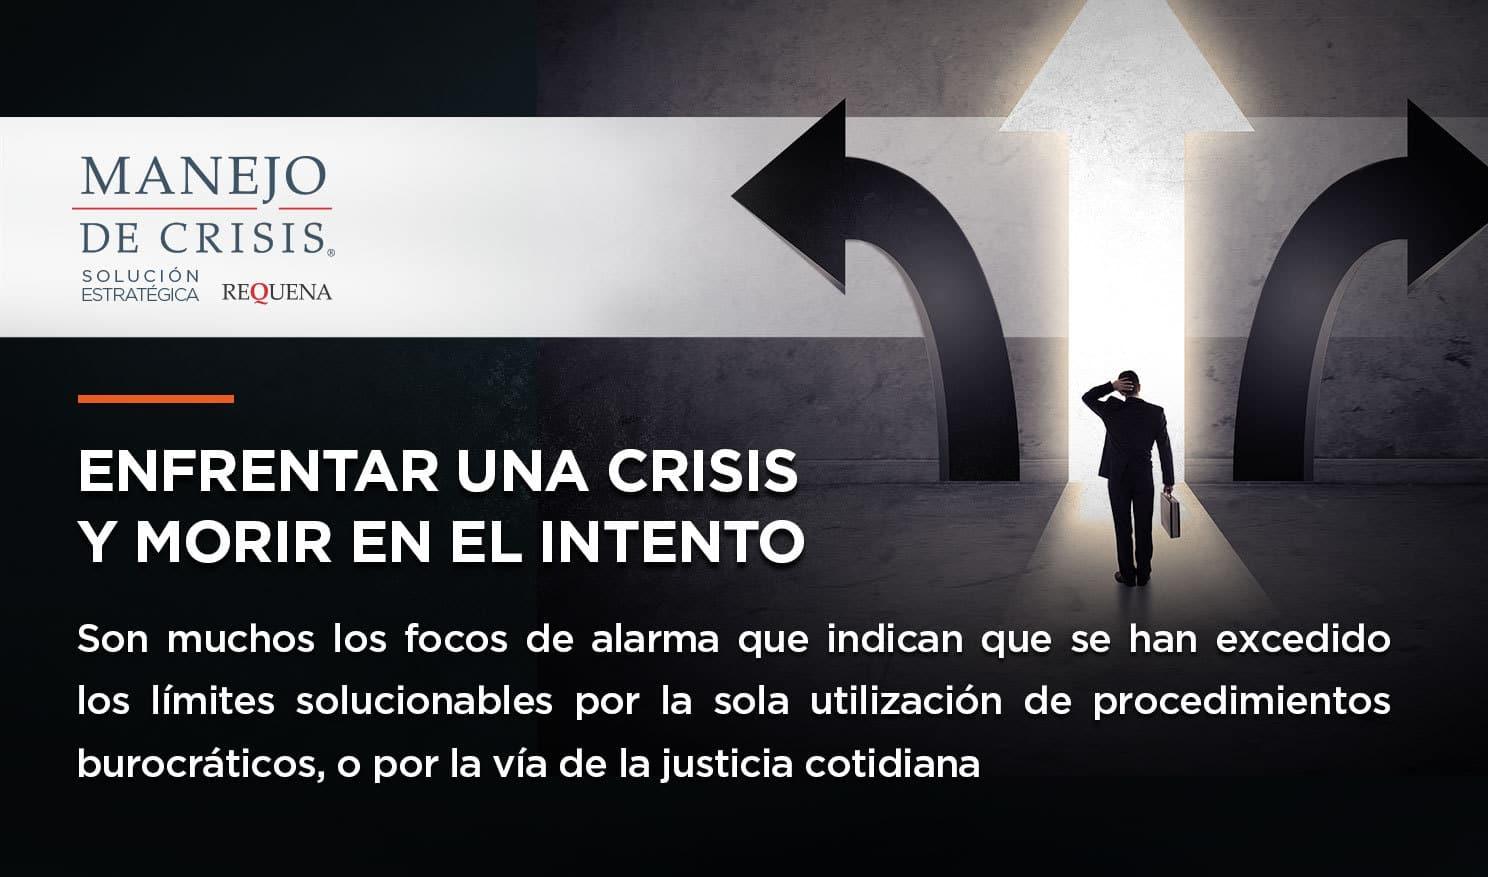 Enfrentar una crisis y morir en el intento